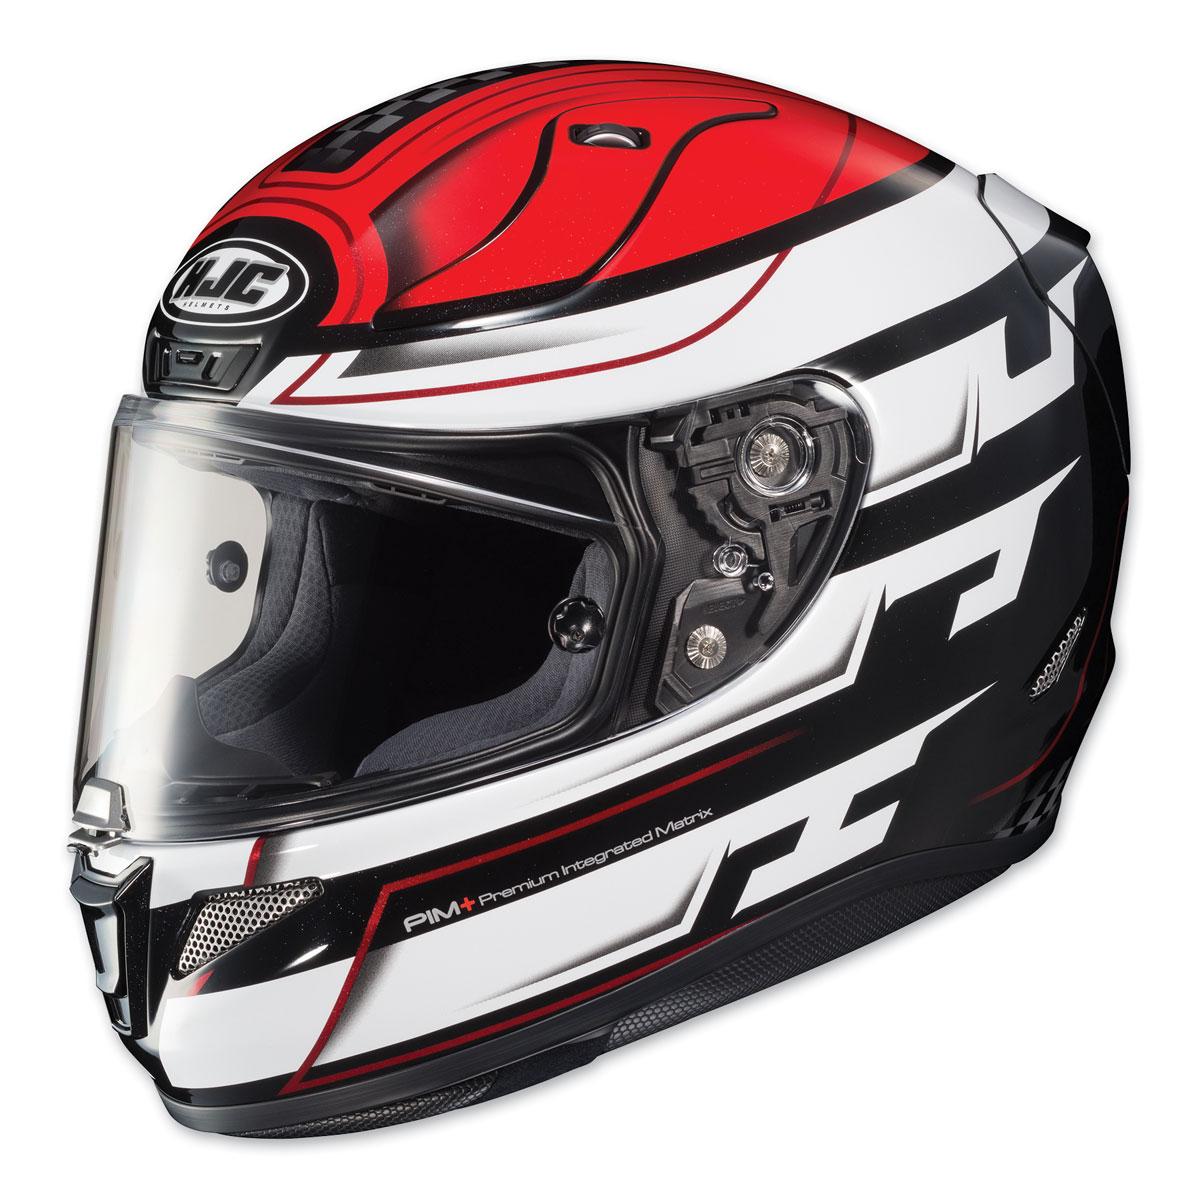 HJC RPHA 11 Pro Skyrym Red/White Full Face Helmet